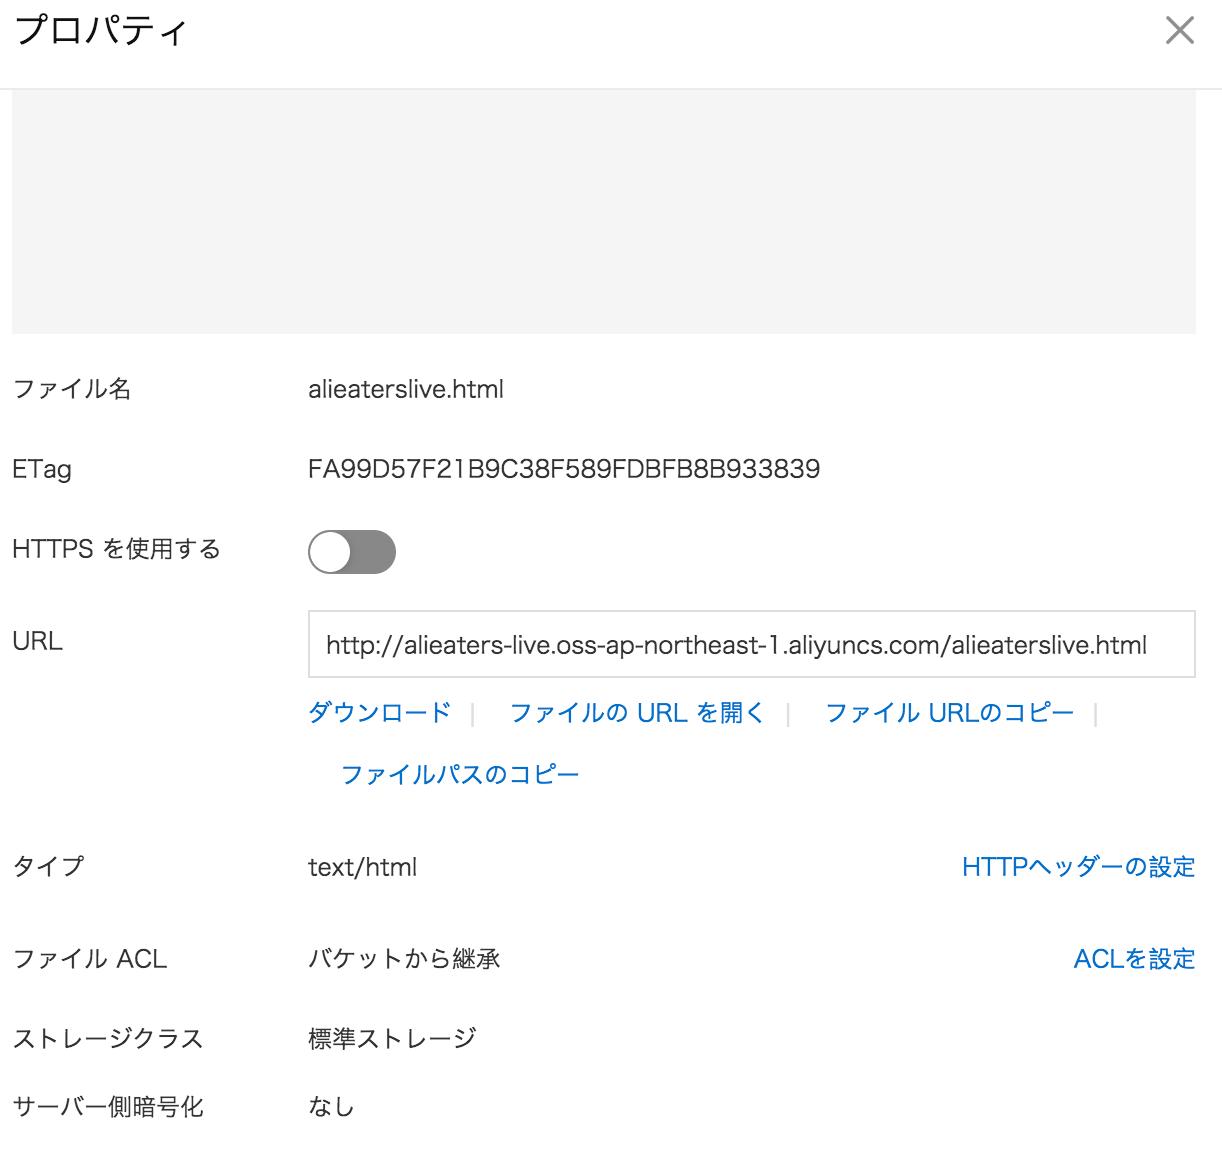 スクリーンショット 2020-01-28 14.04.12.png